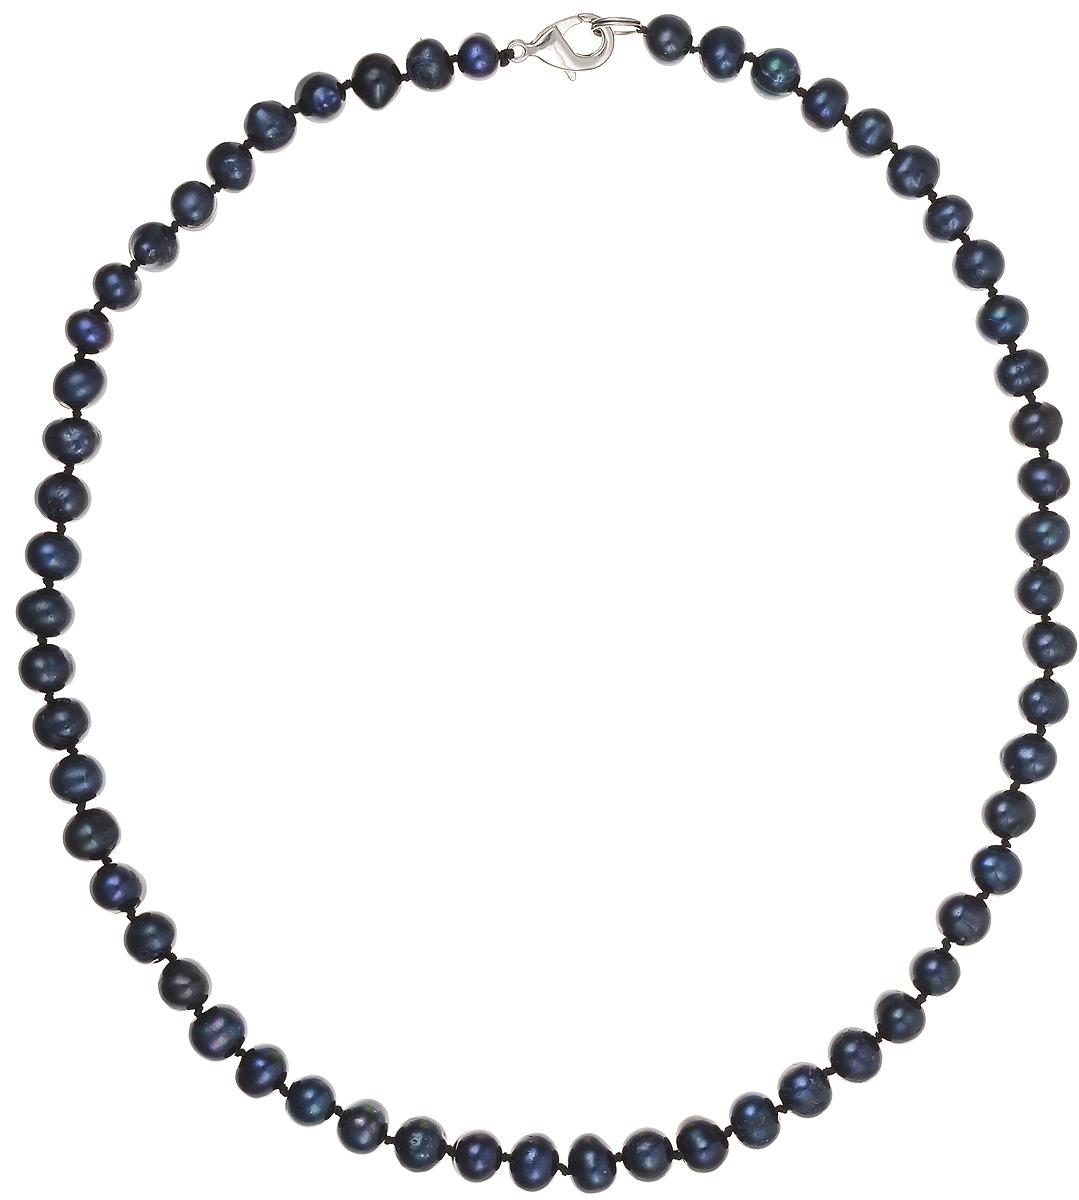 Бусы Art-Silver, цвет: синий, длина 45 см. КЖ7-8А45-414КЖ7-8А45-414Бусы Art-Silver подчеркнут изящество и непревзойденный вкус своей обладательницы. Они выполнены из бижутерного сплава и культивированного жемчуга диаметром 7 мм. Изделие оснащено удобным замком-карабином. Культивированный жемчуг — это практичный аналог природного жемчуга. Бусинки из прессованных раковин помещаются внутрь устрицы и возвращаются в воду. Когда бусины покрываются перламутром, их извлекают из моллюска. Форма жемчужины получается идеально ровной с приятным матовым блеском.